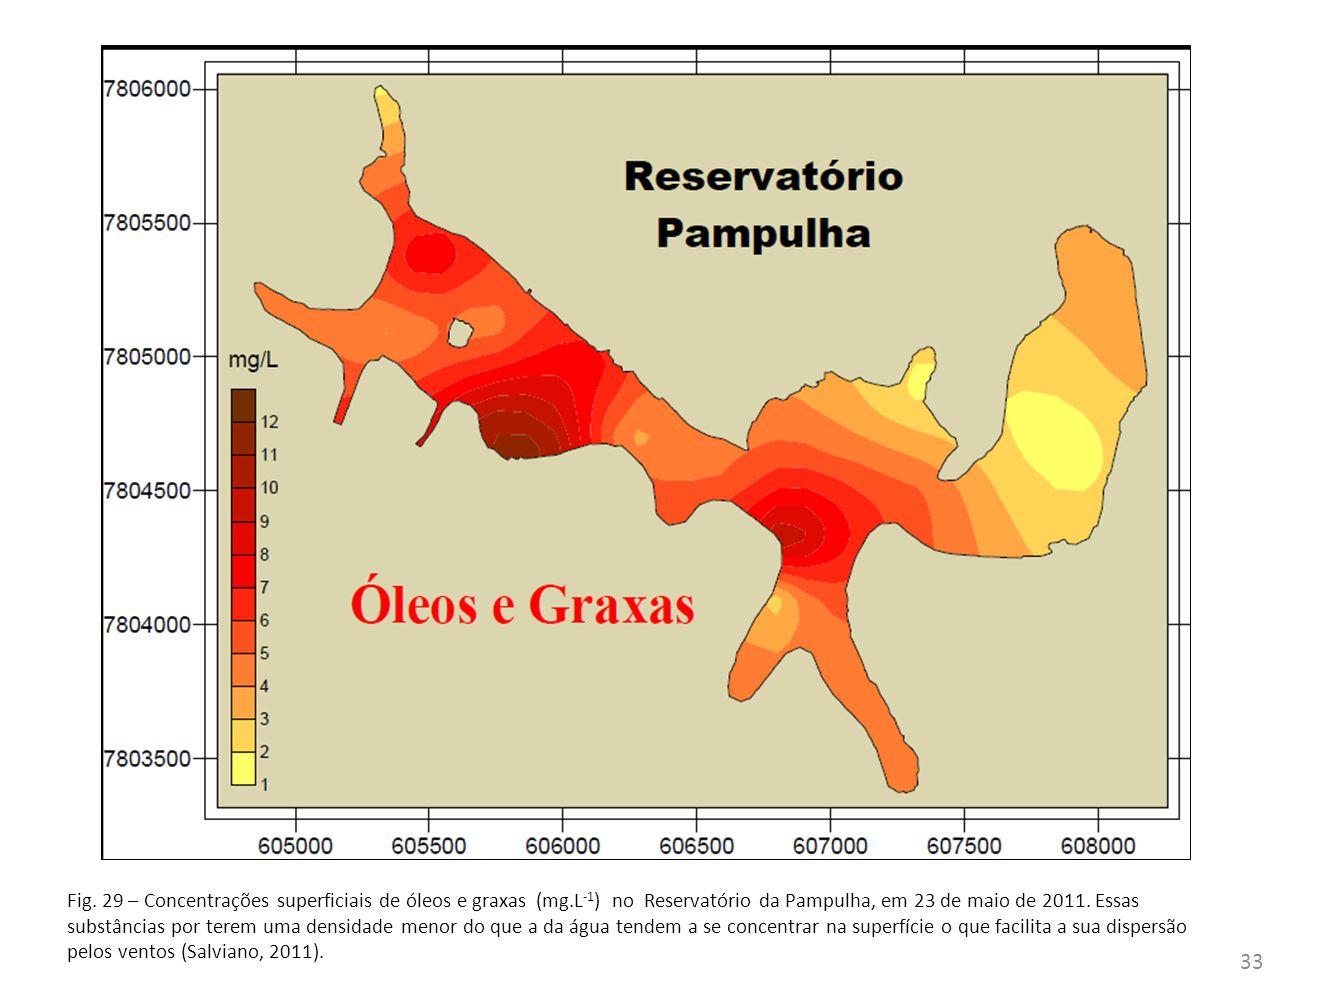 Fig. 29 – Concentrações superficiais de óleos e graxas (mg